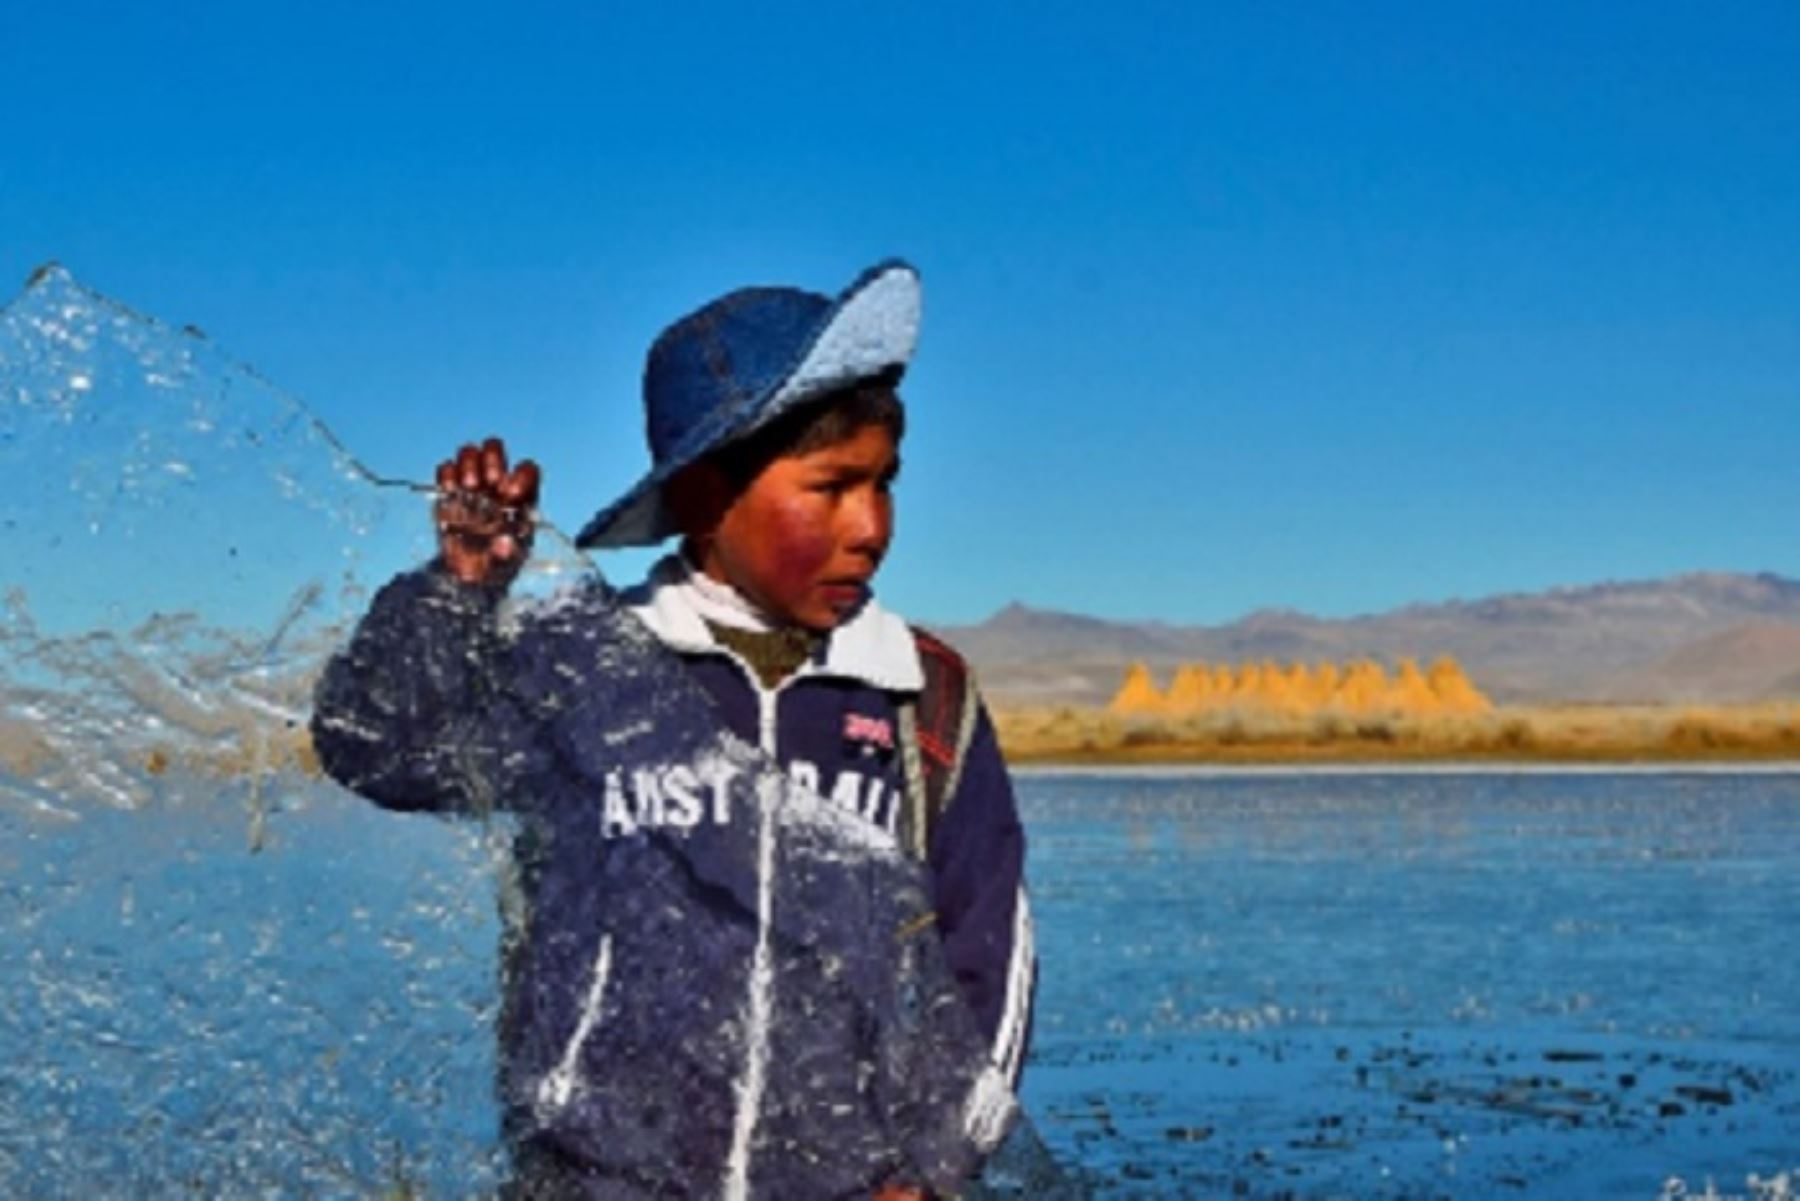 En la Sierra sur las estaciones del Servicio Nacional de Meteorología e Hidrología (Senamhi), ubicadas en Patahuasi (Arequipa) y Mazo Cruz (Puno), registraron hoy una temperatura mínima cercana a los -20 grados Celsius; mientras en el centro, cerca de -10 en Laive (Junín).